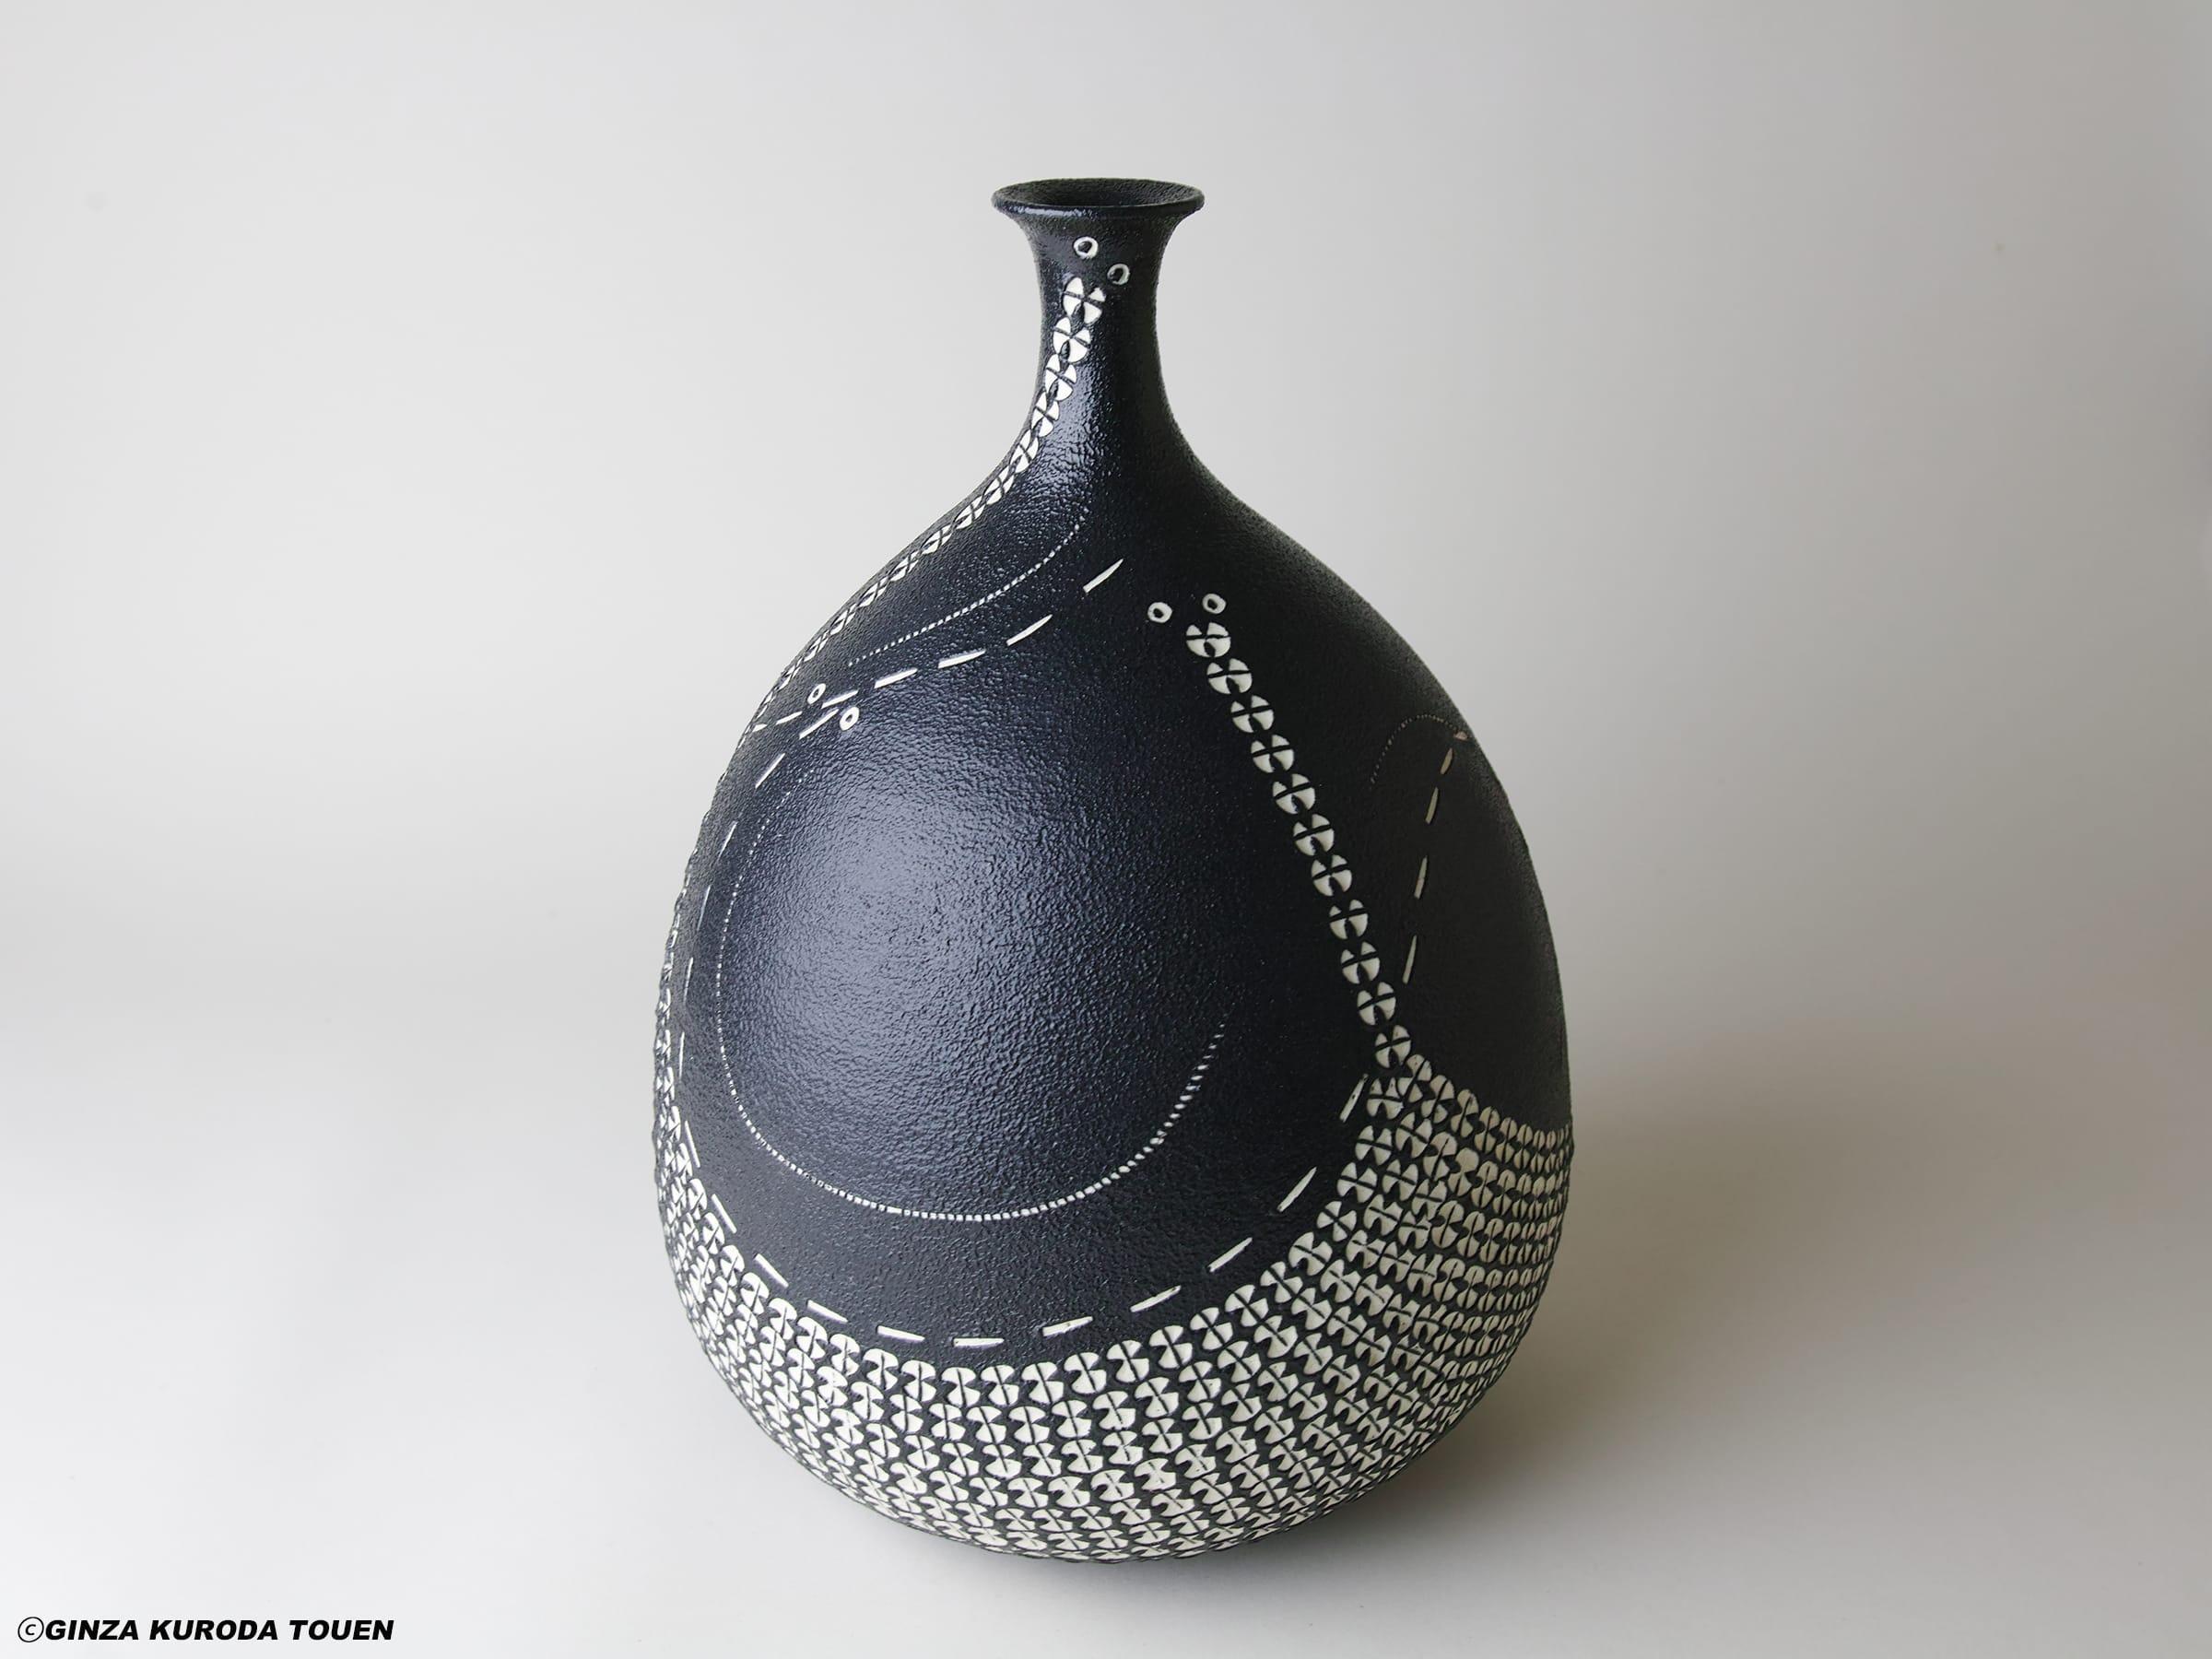 Yutaka Kondo: Flower vase, Black glaze, White inlay